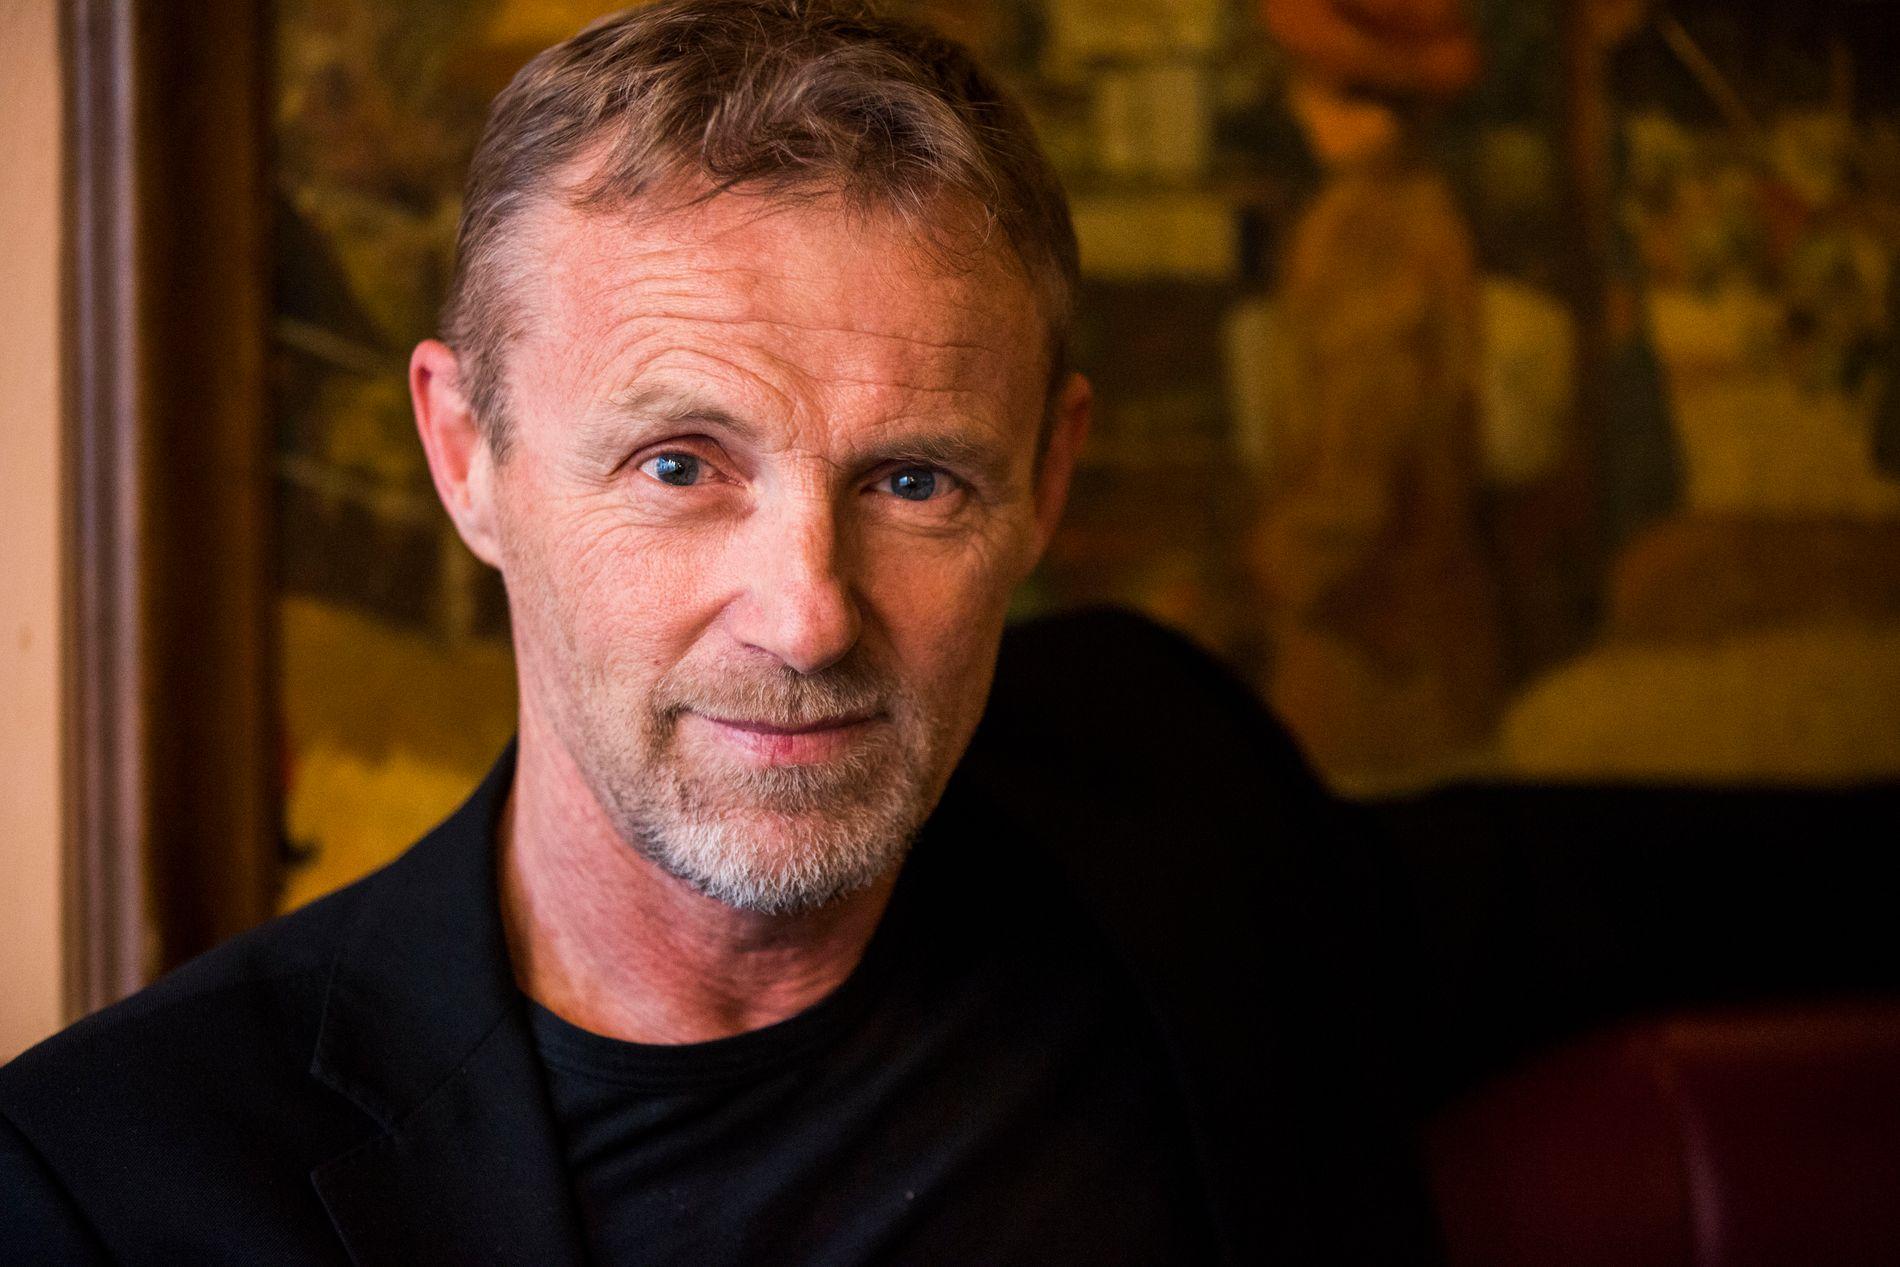 NESBØS MACBETH: Nå forteller Jo Nesbø om sin neste bok: En moderne thriller med skjelettet fra Shakespears Macbeth som kommer i mars 1018.